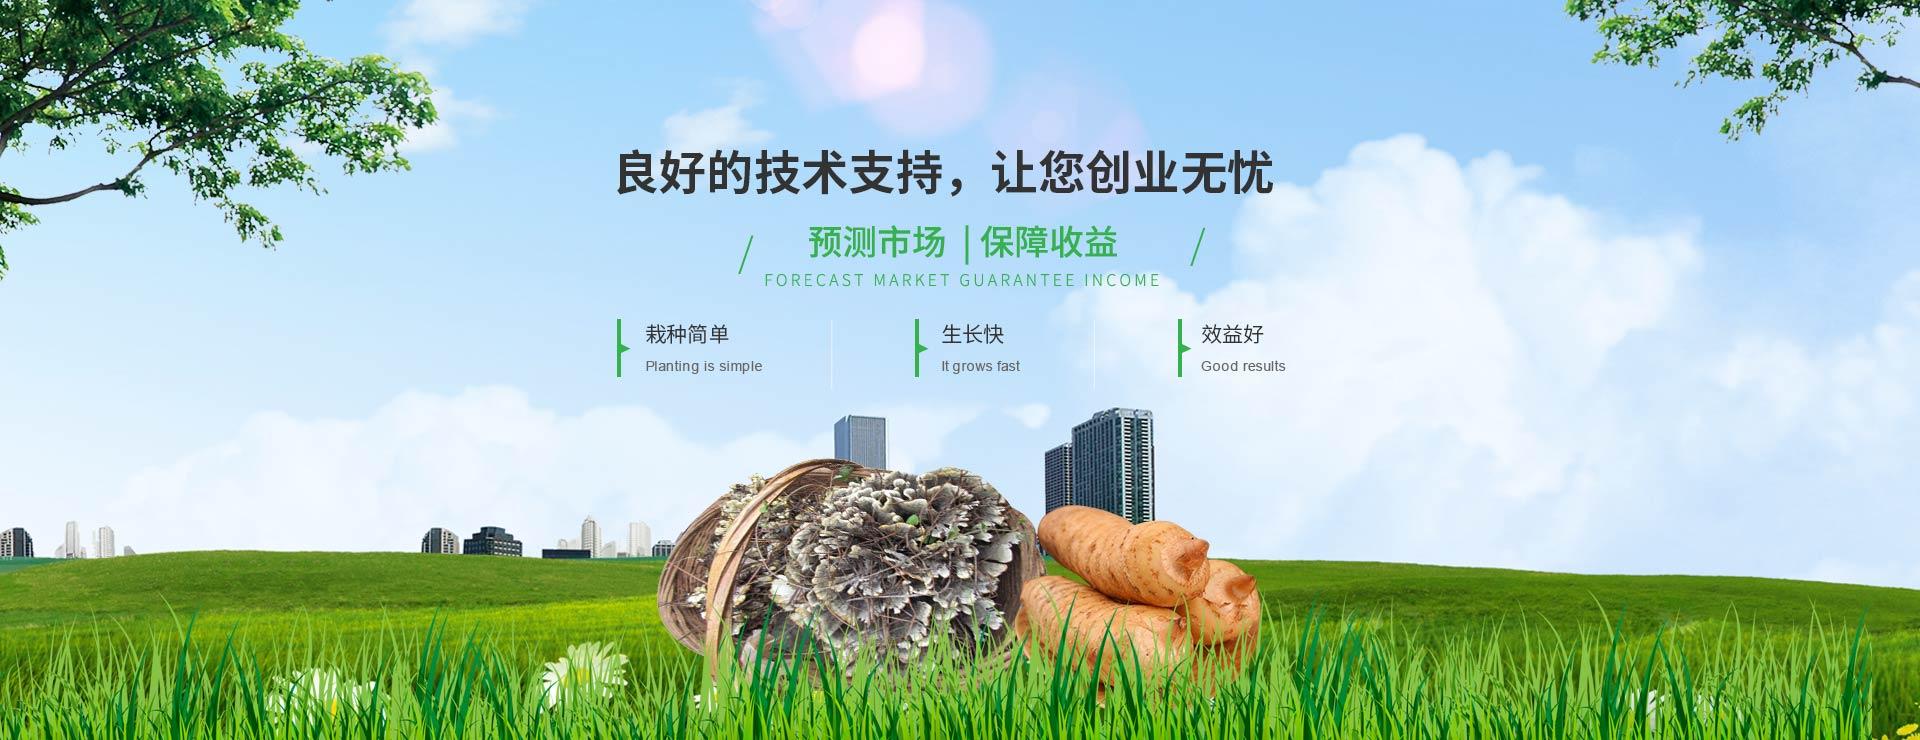 宜昌天麻蜜环菌